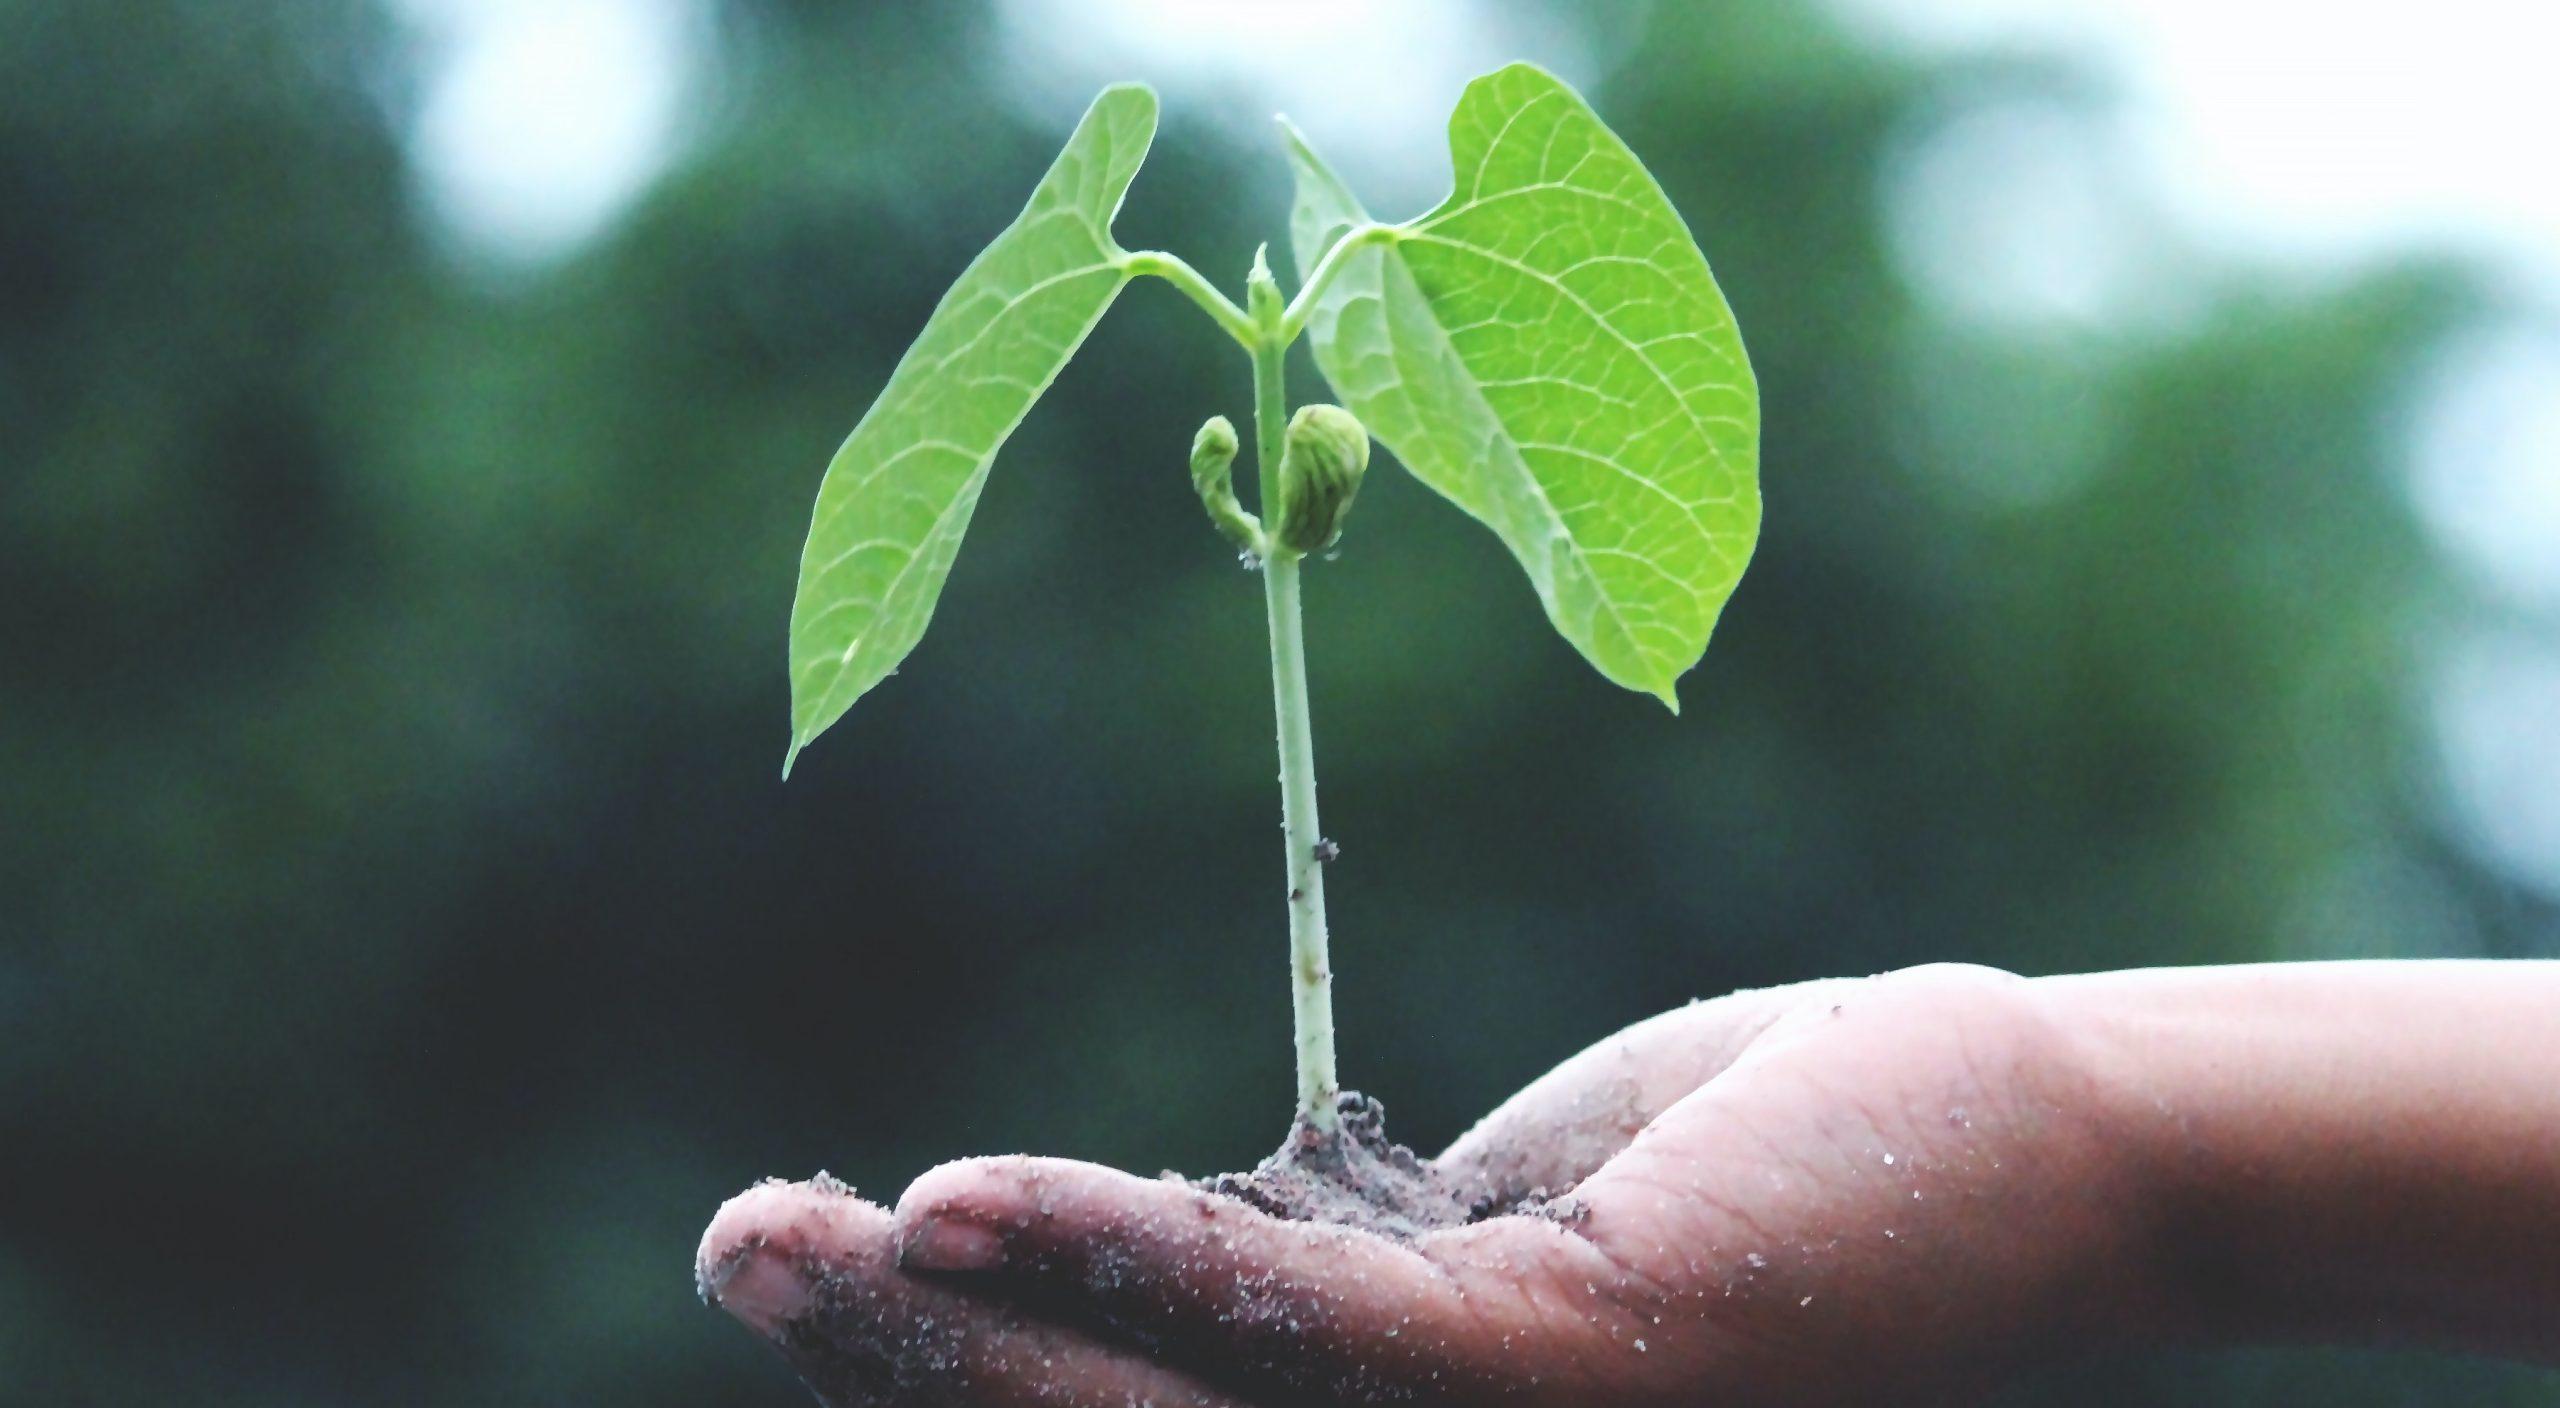 Según la ONU, existe una urgencia de prevenir, detener y revertir la degradación de los ecosistemas en todo el mundo.